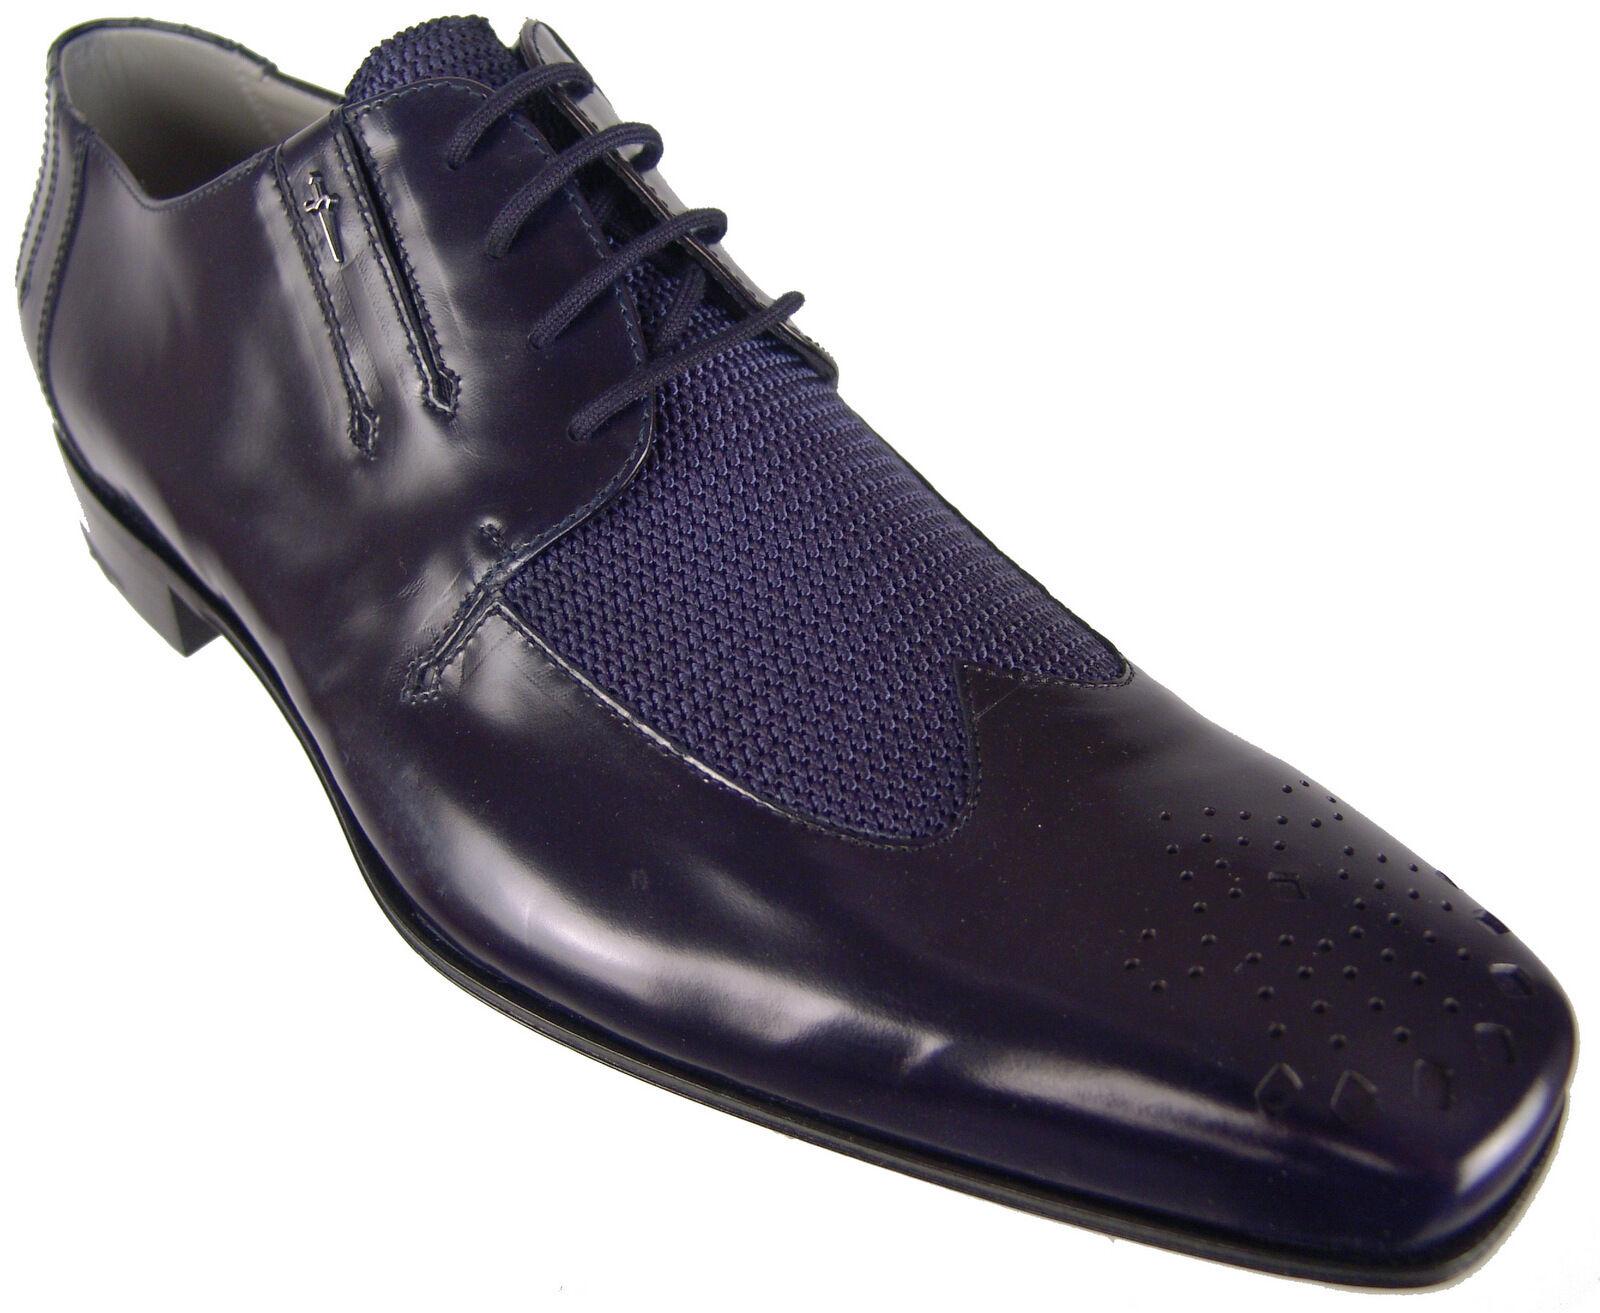 design unico Authentic  870 Cesare Paciotti Navy Oxfords Oxfords Oxfords US 8 Italian Designer scarpe  divertiti con uno sconto del 30-50%